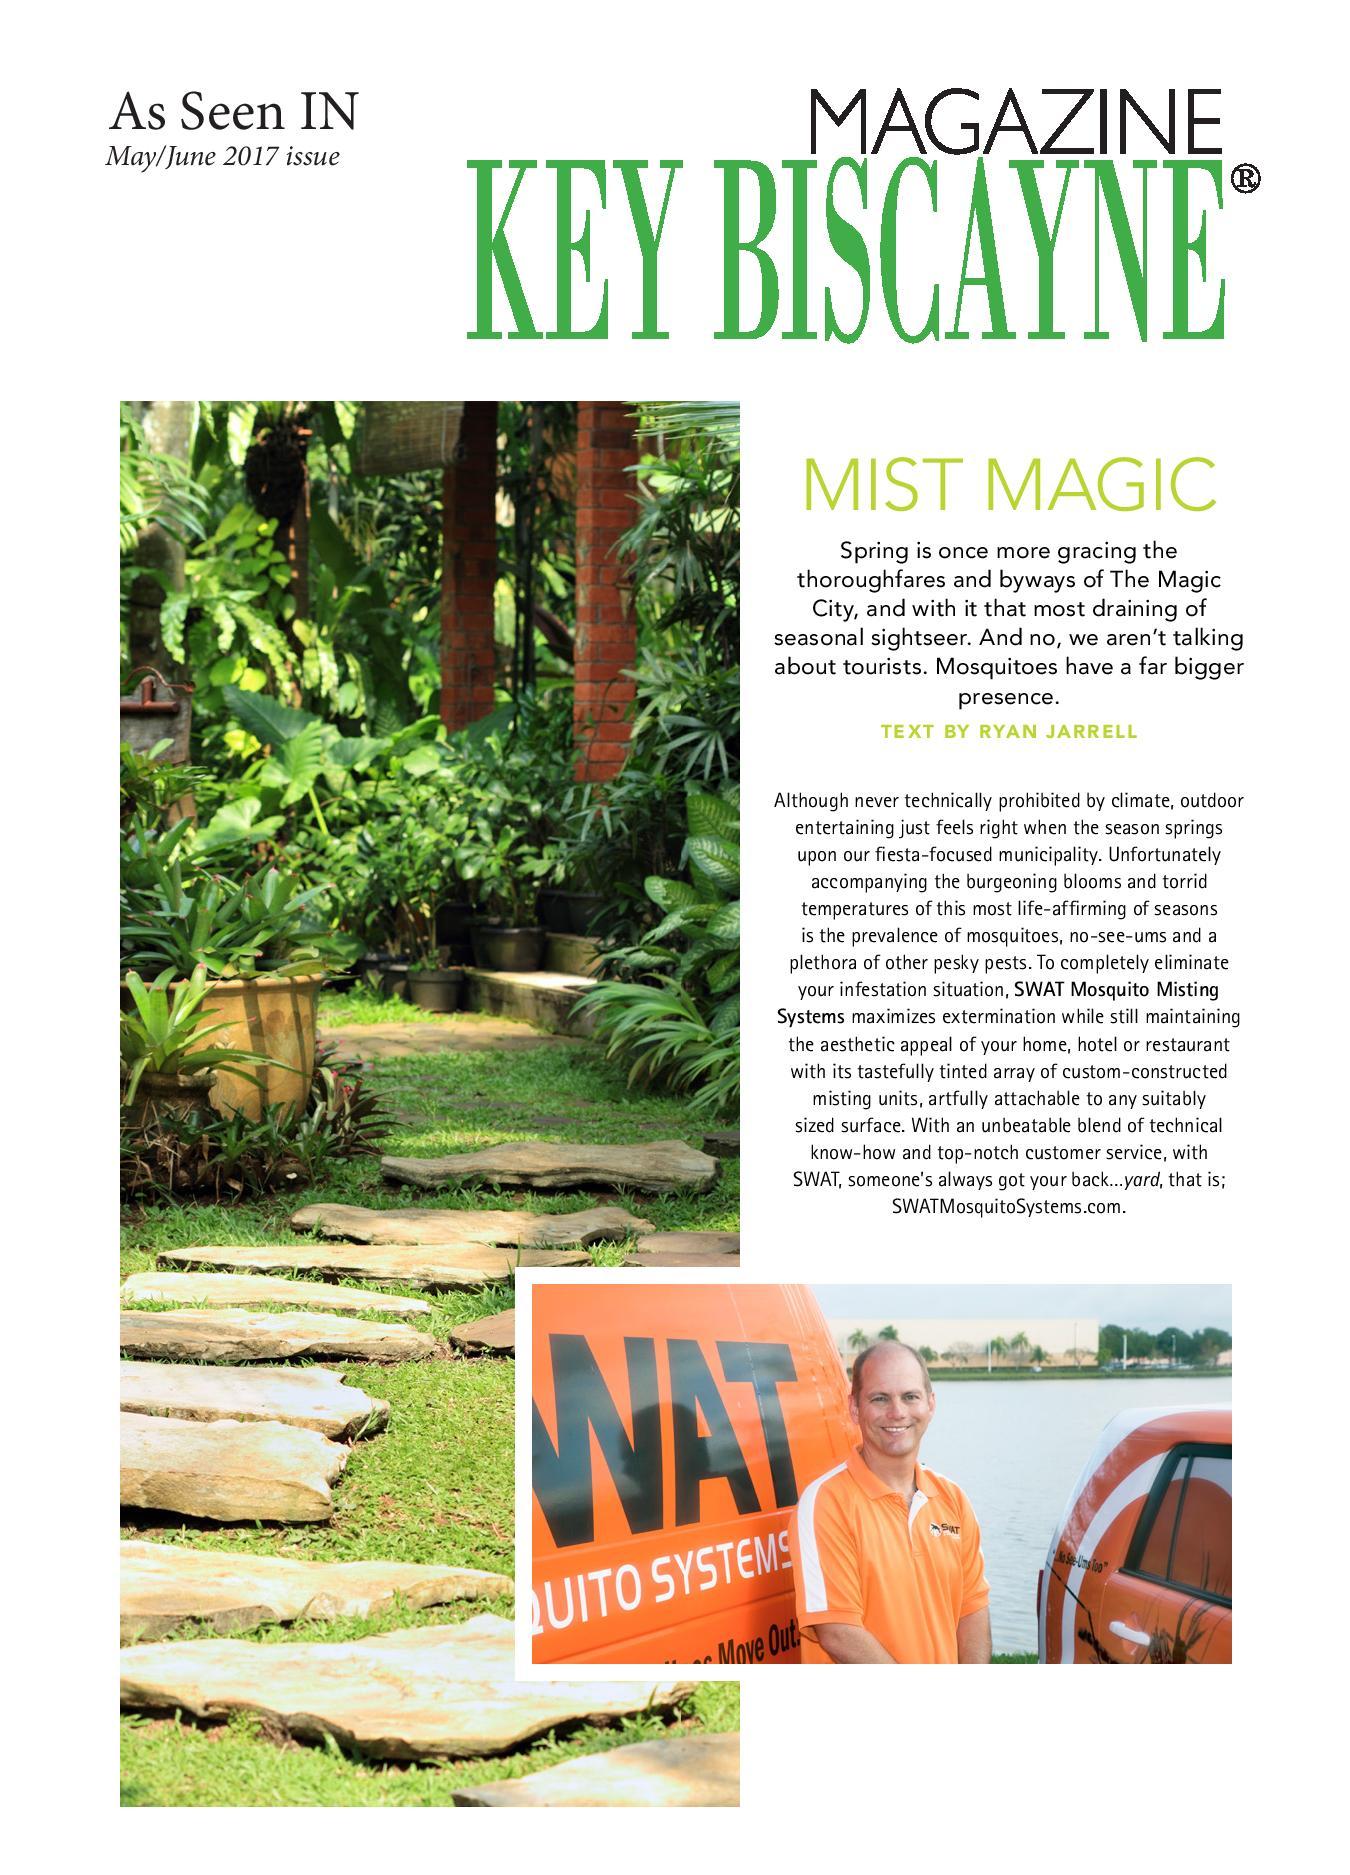 KEY-Biscayne-Magazine